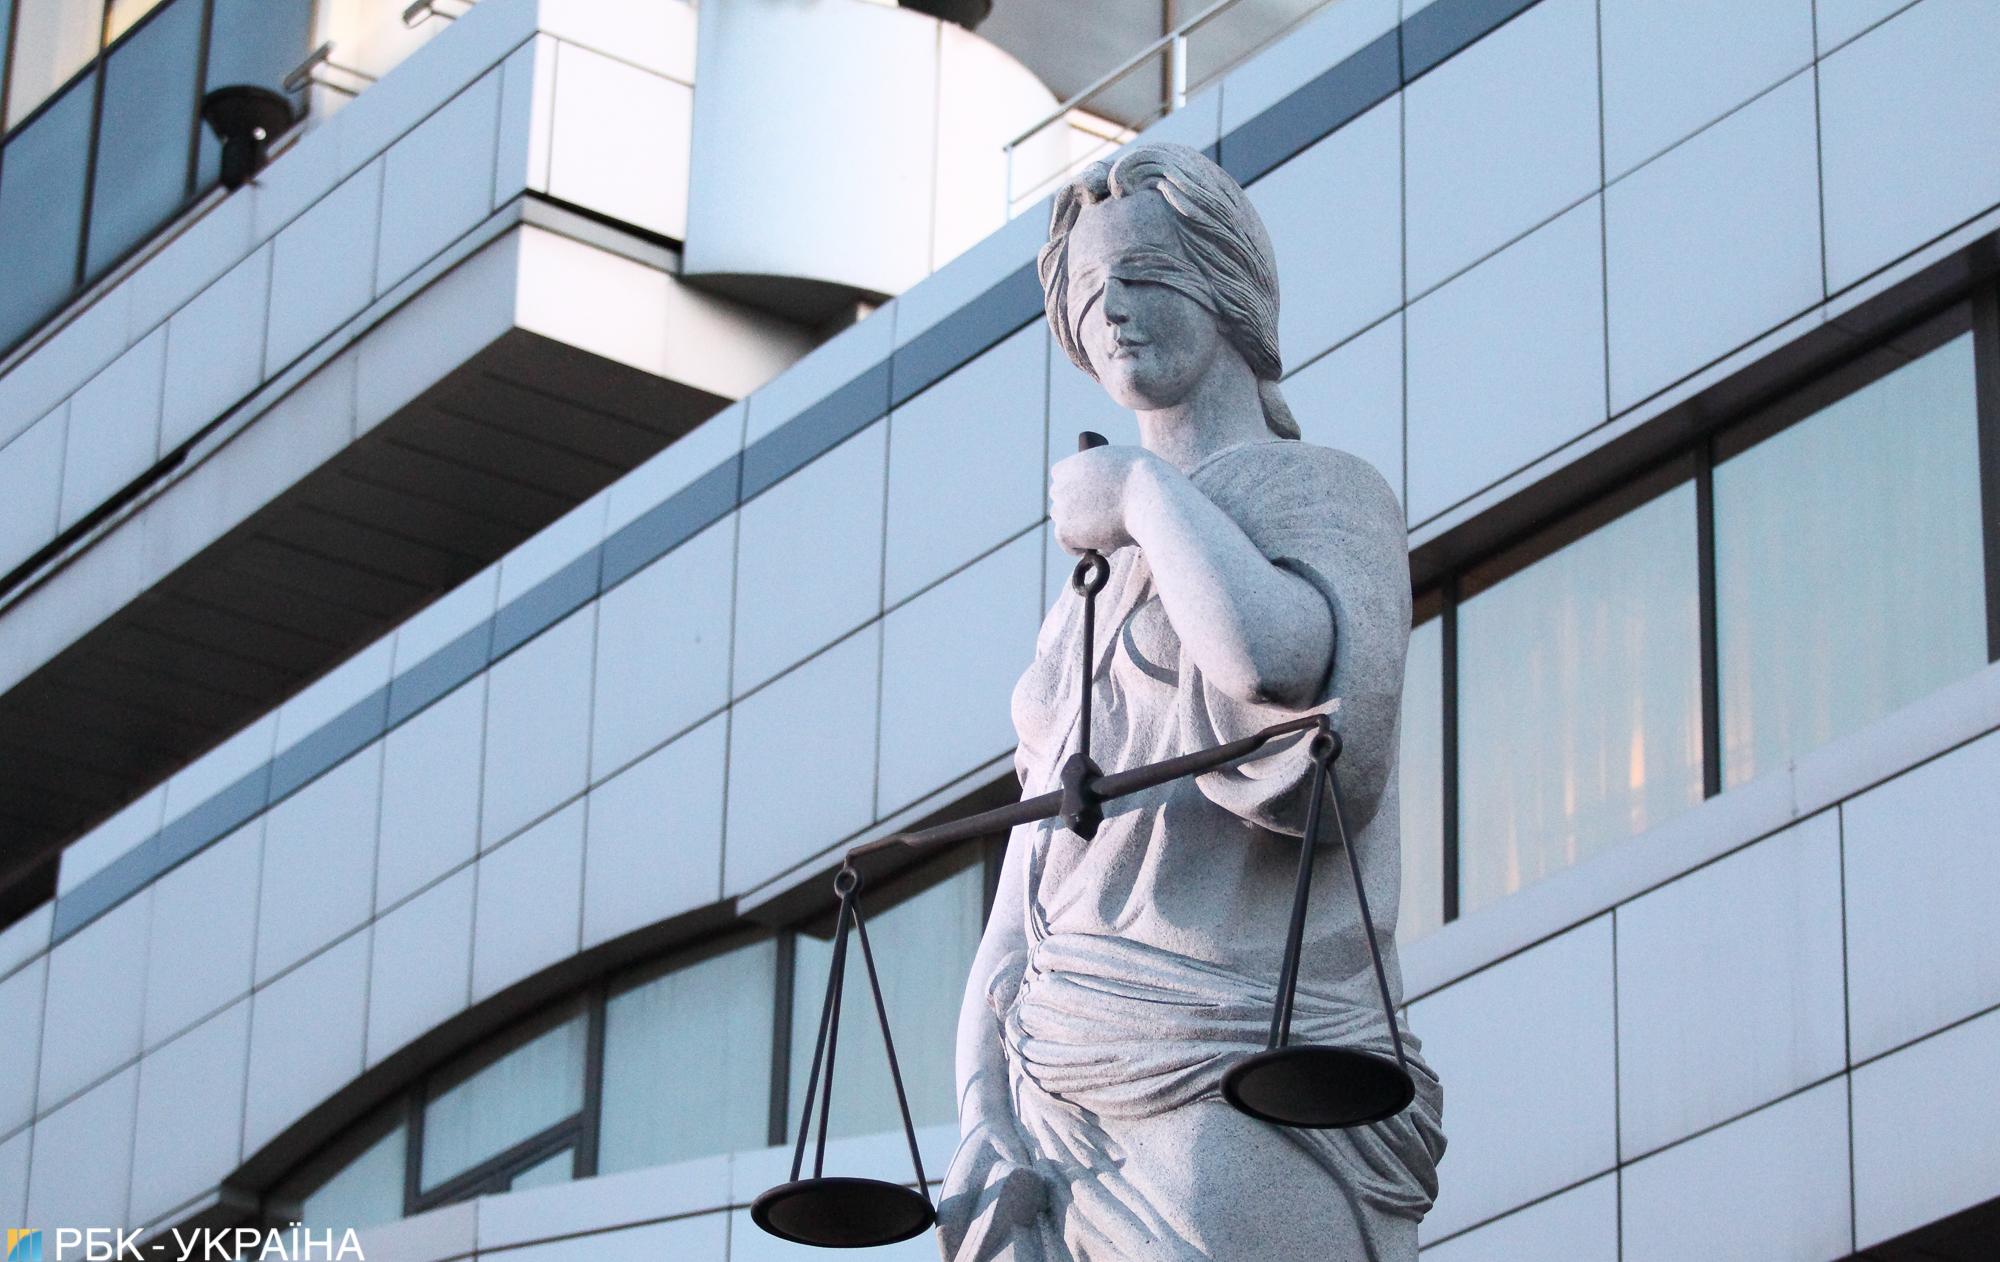 """Правосуддя в мережі. Як і навіщо команда Зеленського створює """"суд в смартфоні"""""""